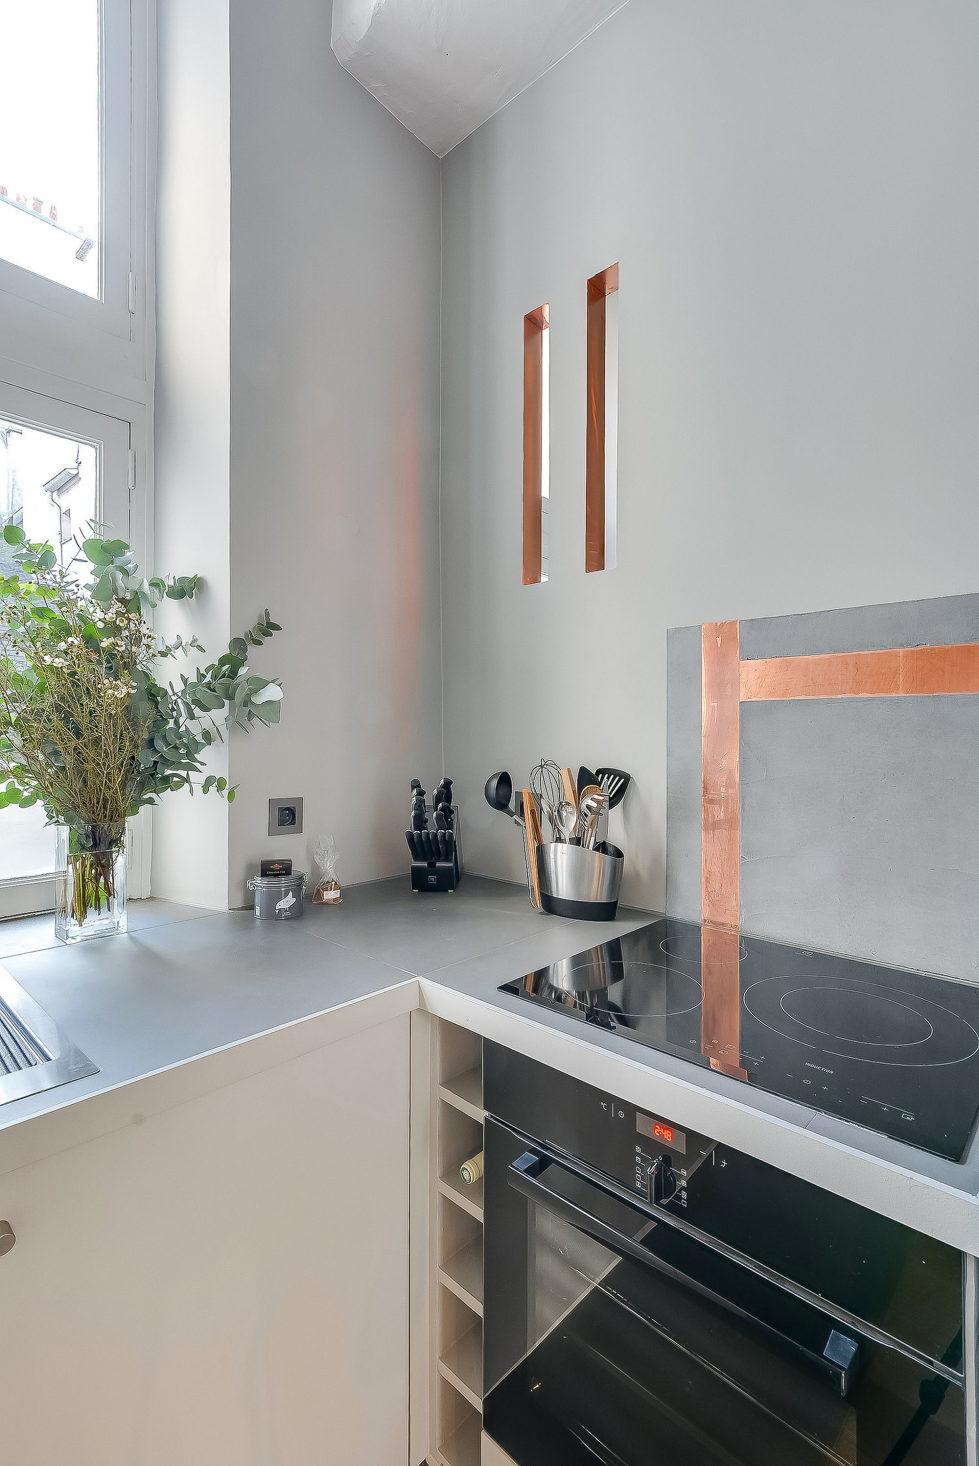 studio-apartment-in-paris-the-tatiana-nicol-project-13